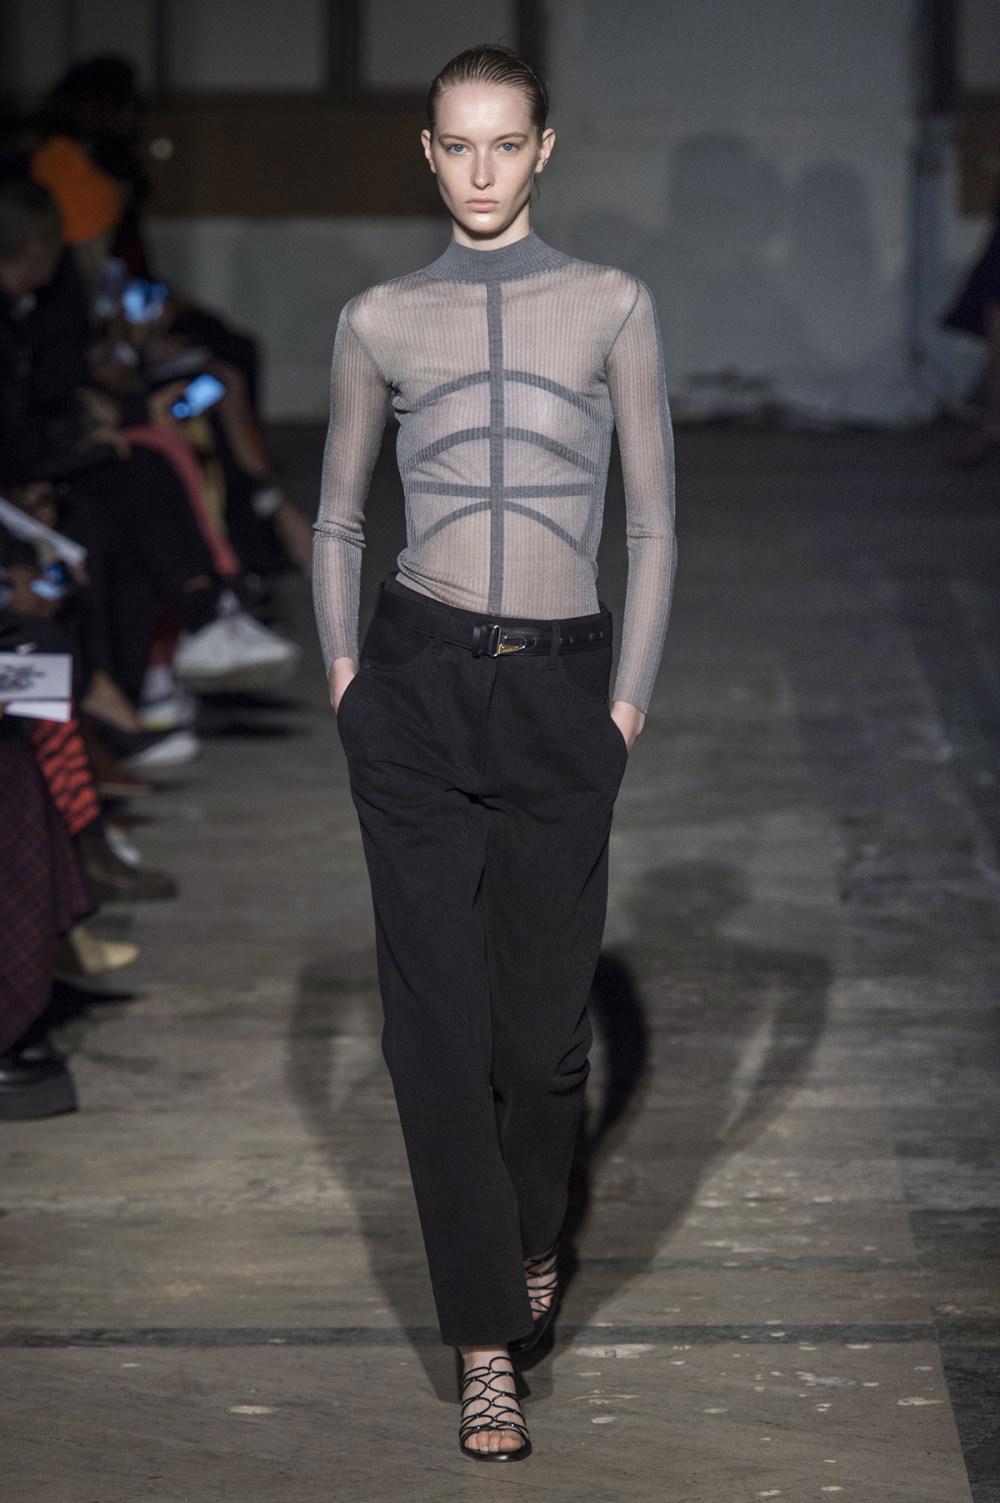 Dion Lee没有紧身衣的连衣裙被聚集或扭曲保持调色板的简约和奢华-7.jpg